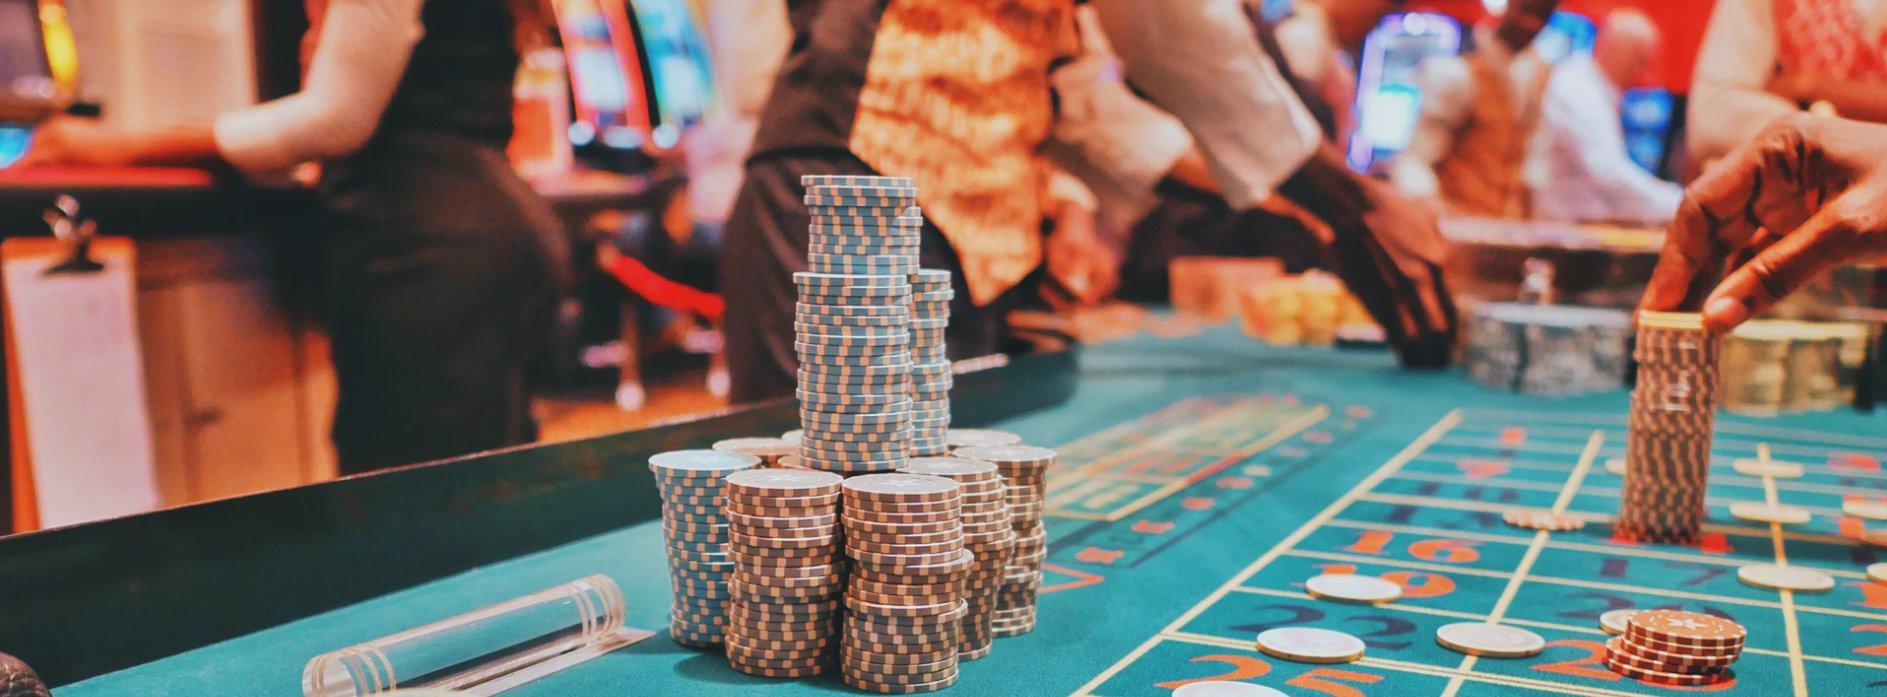 8 måter å dominere gamblingverdenen på